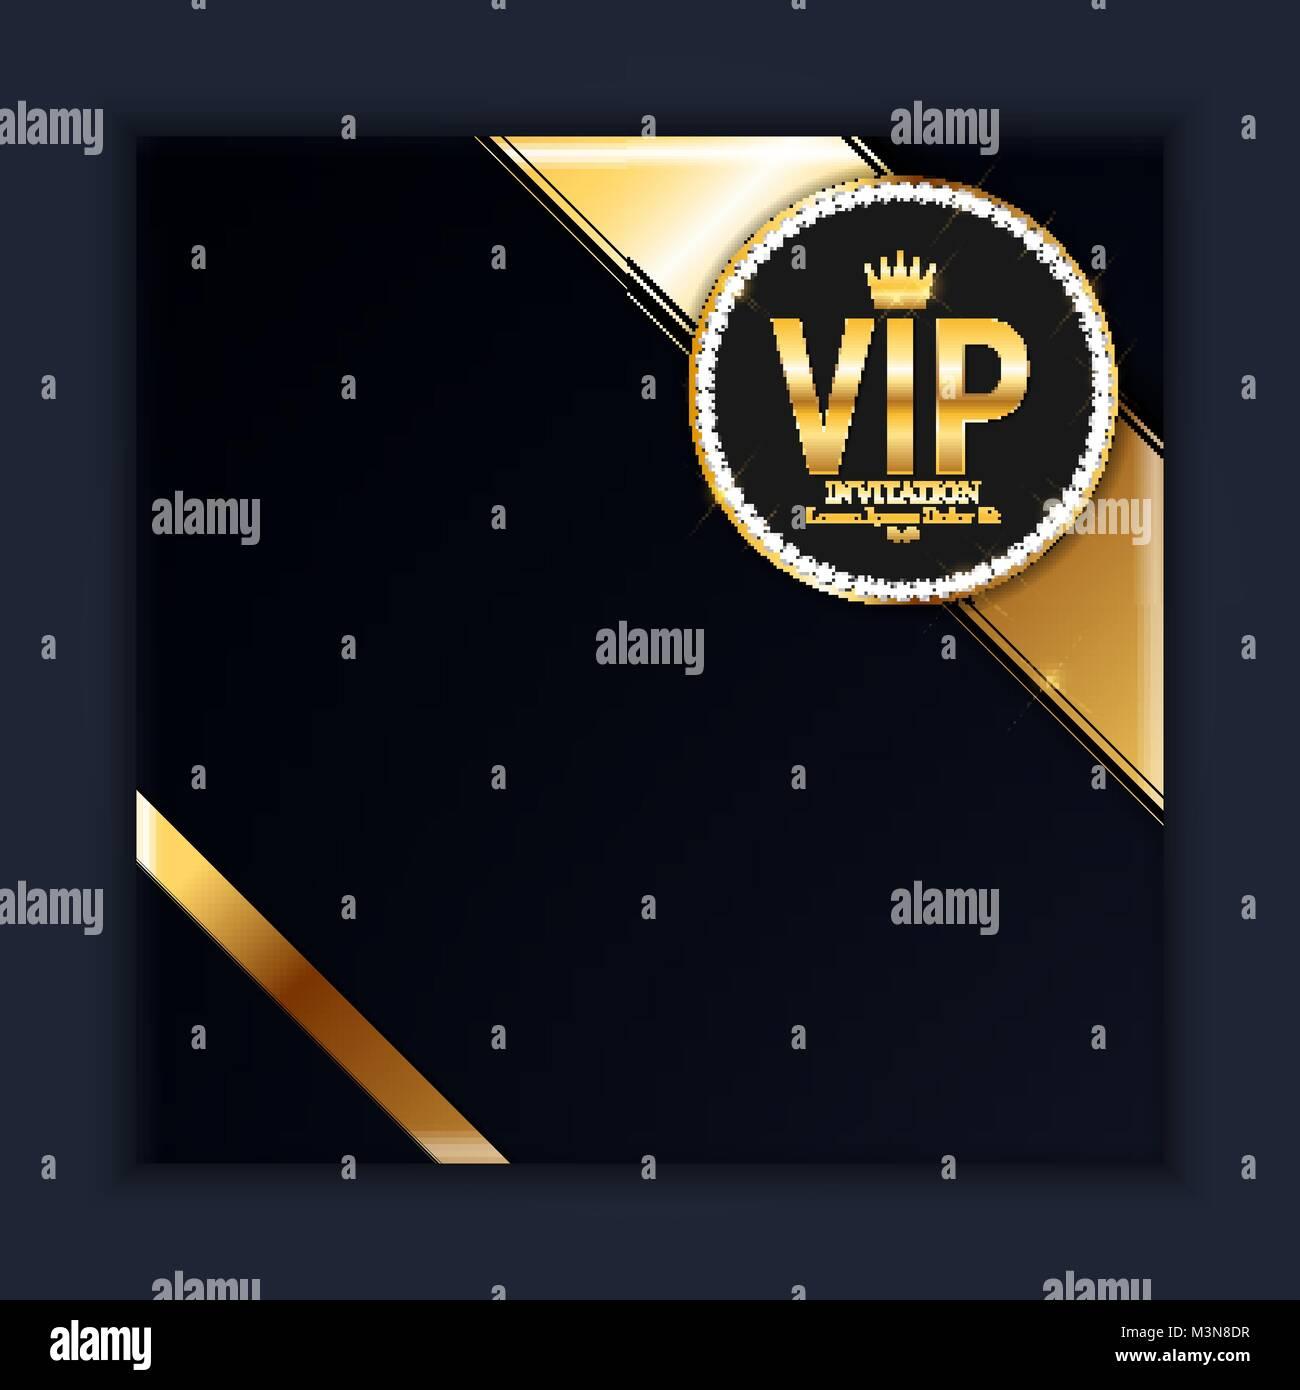 Members Card Stockfotos & Members Card Bilder - Seite 2 - Alamy